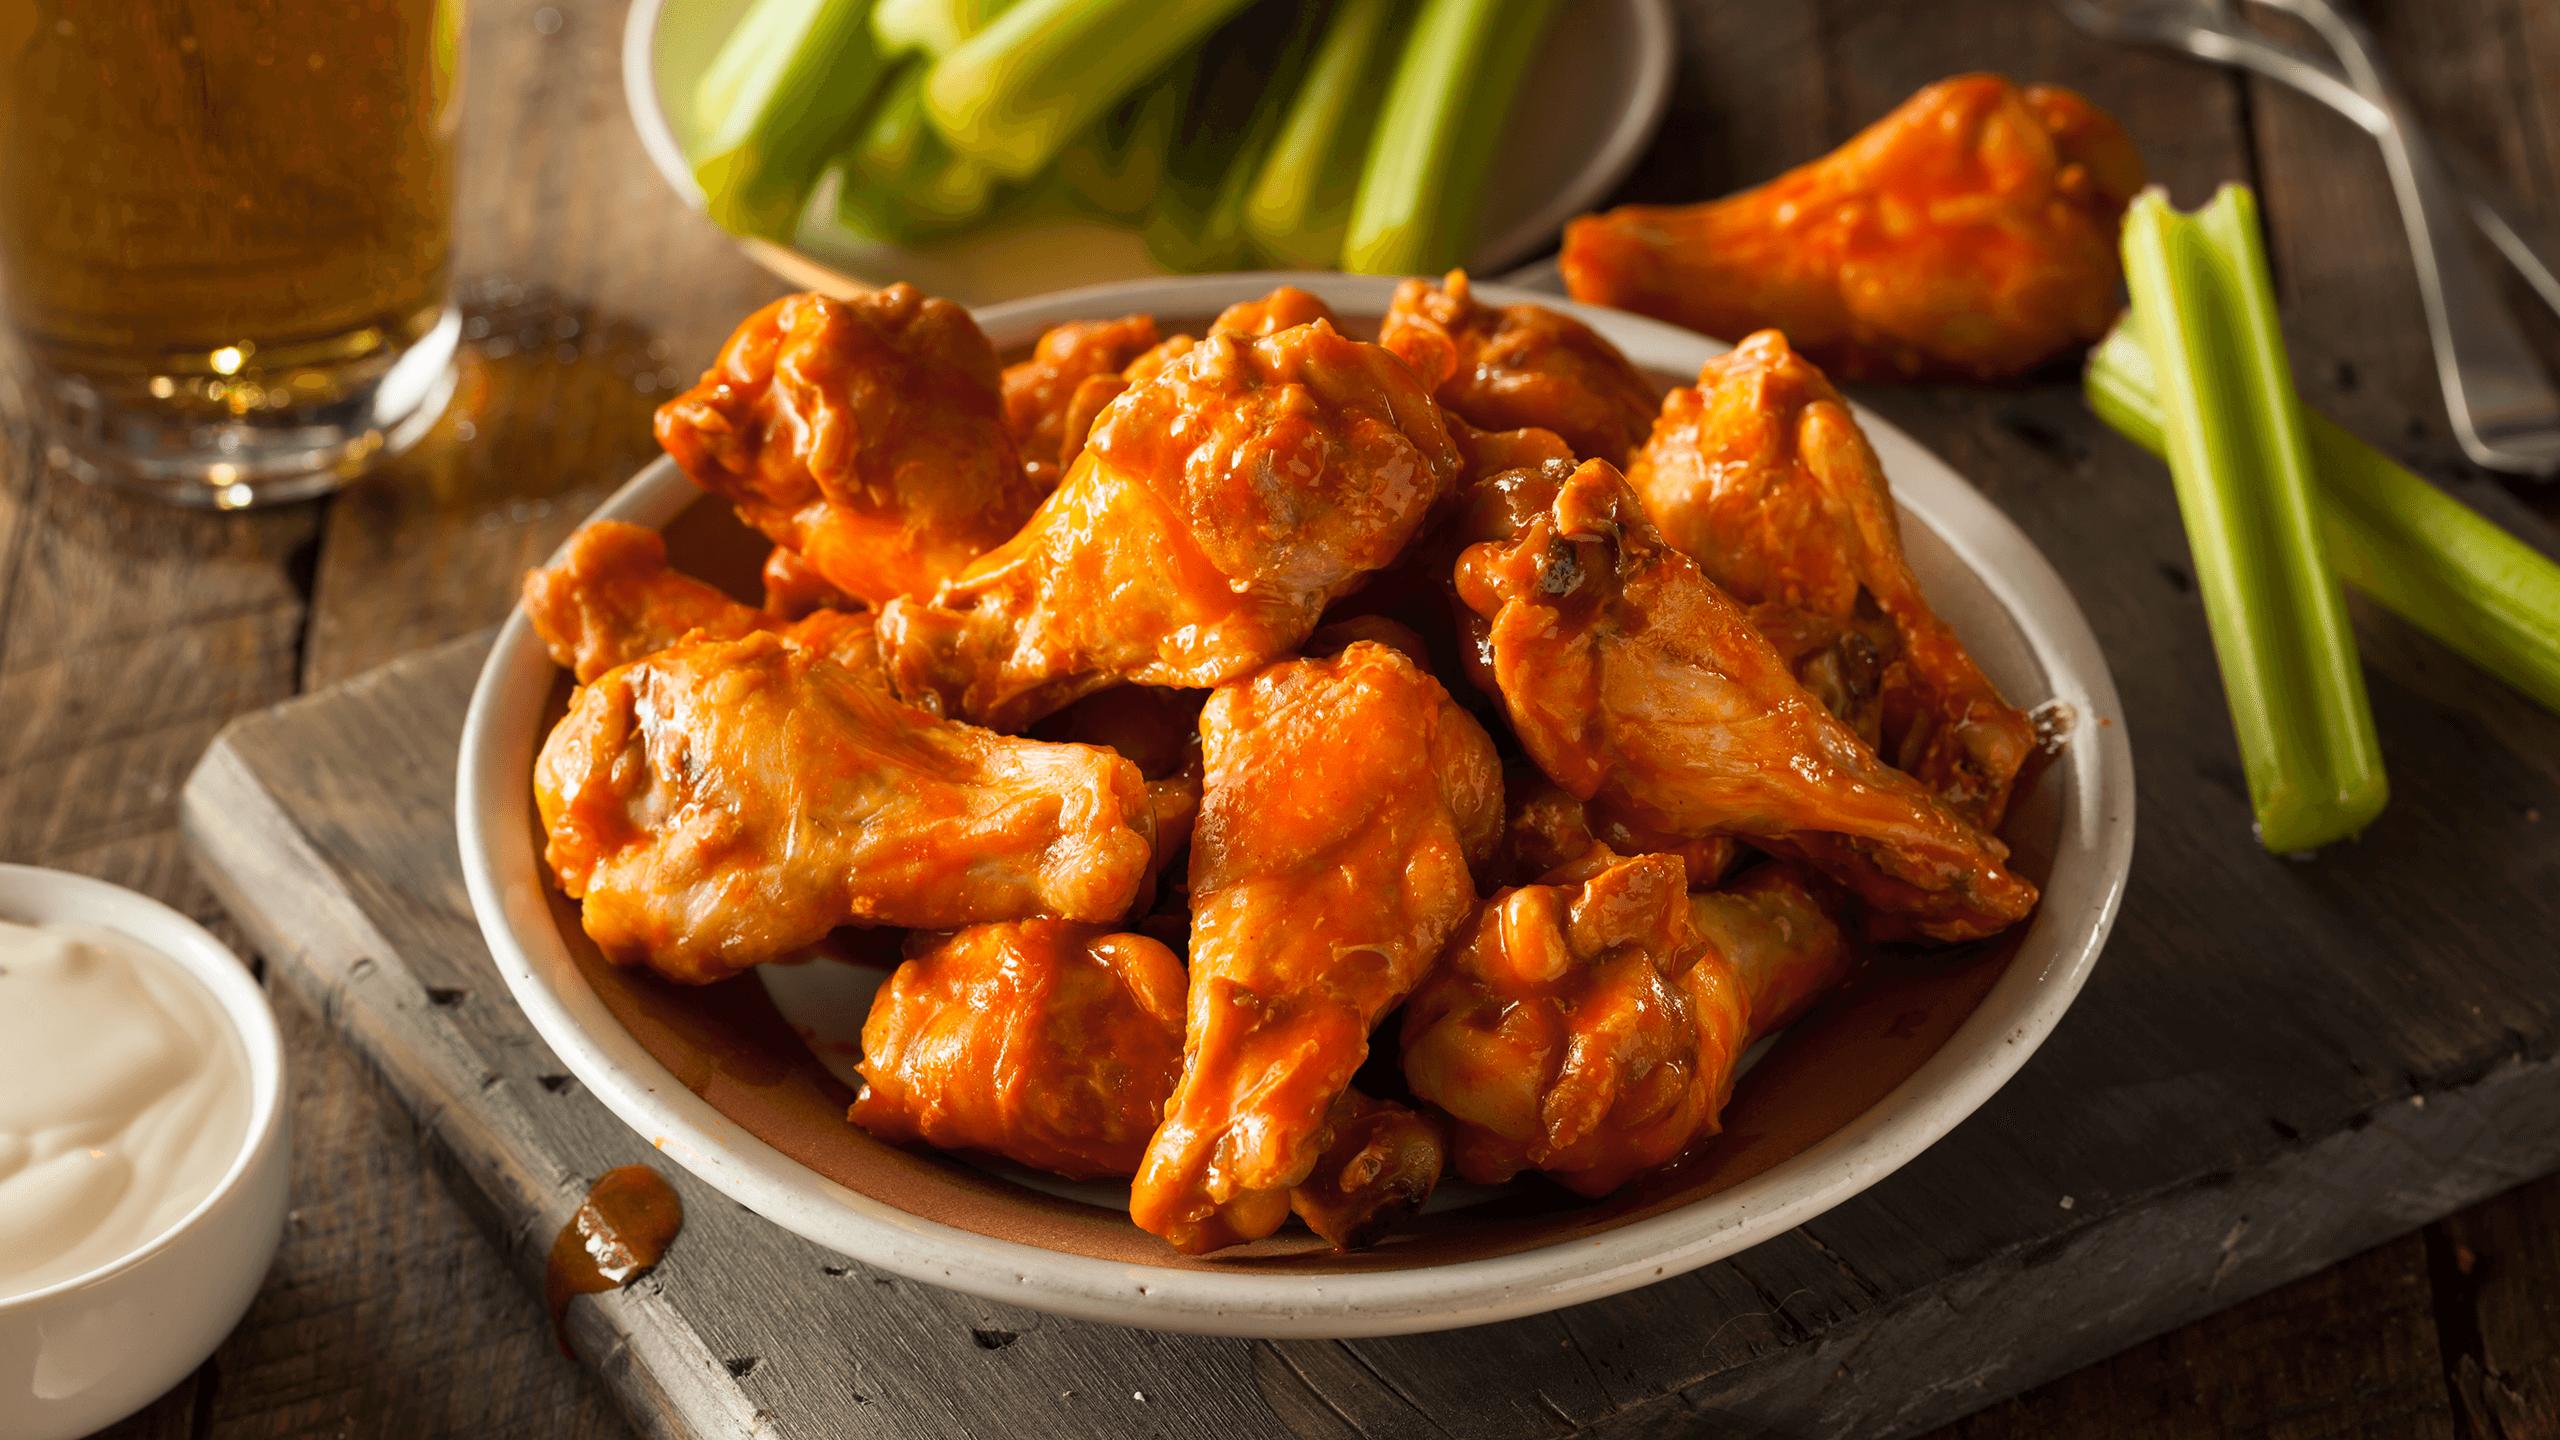 Buffalo Chicken Wings from Scratch